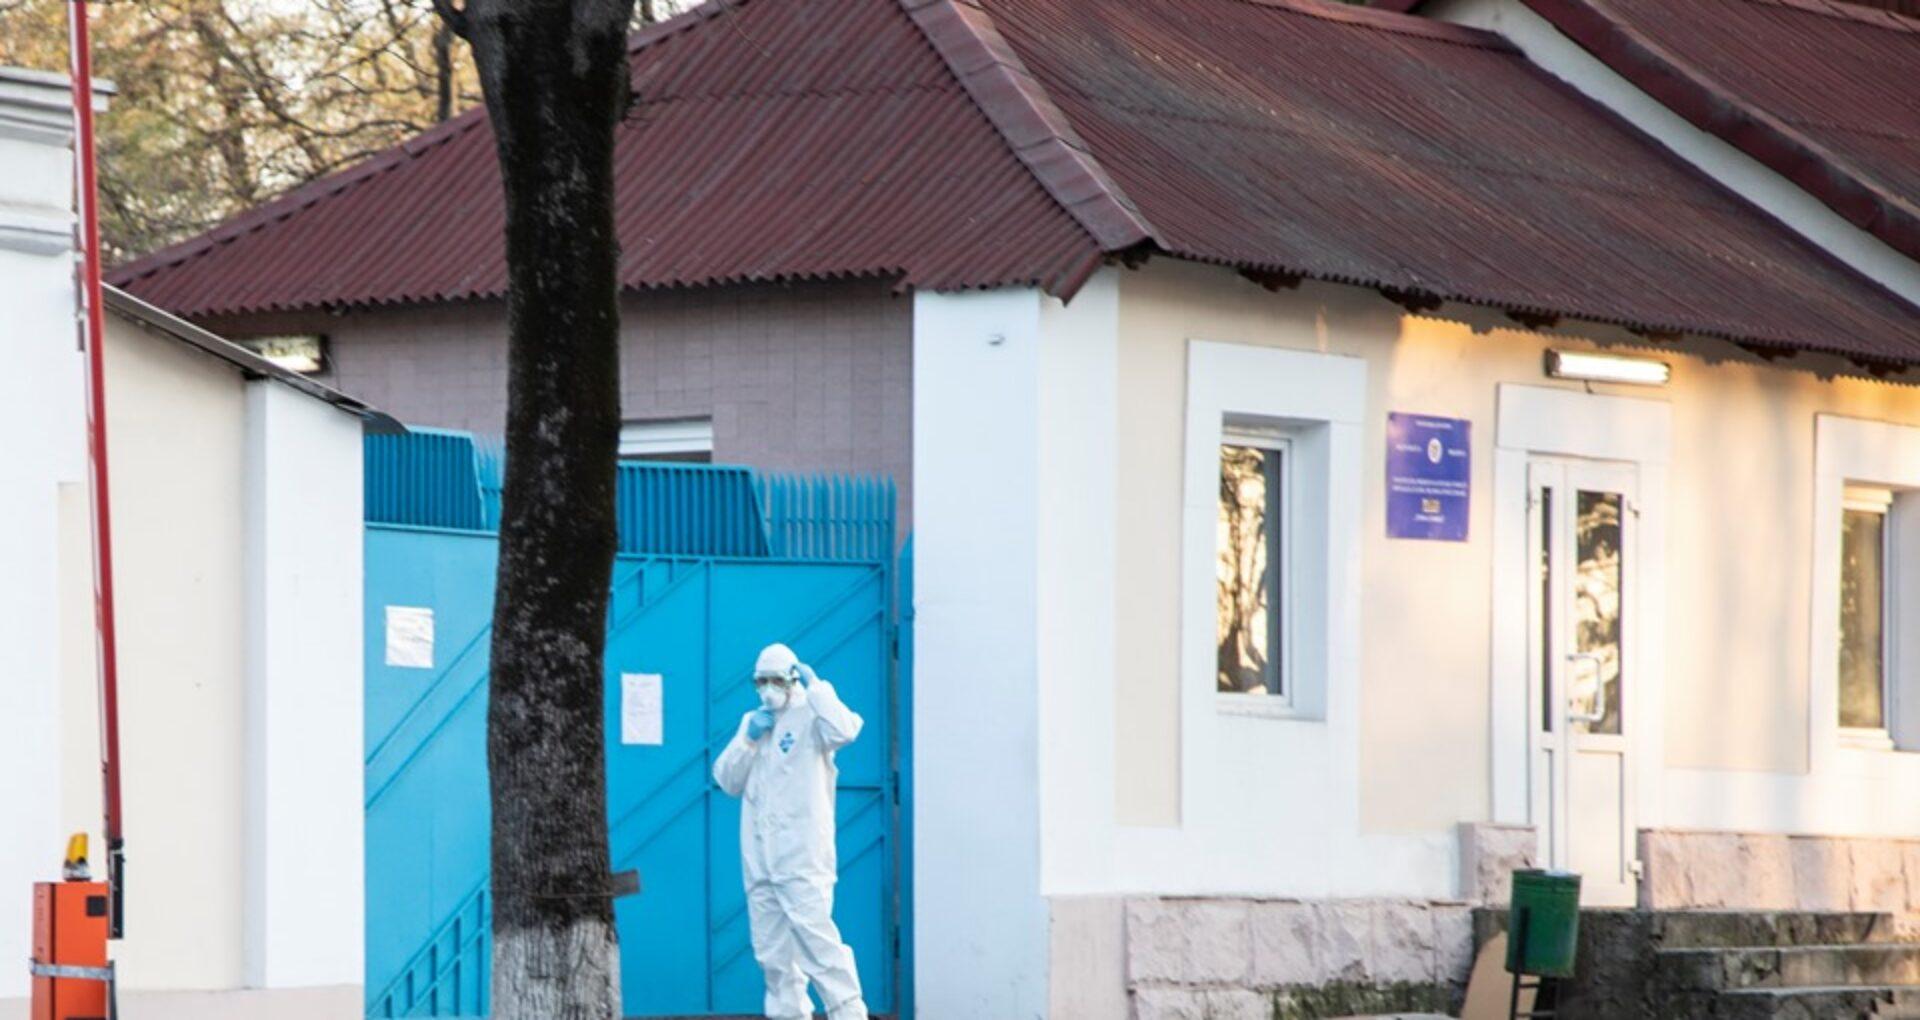 Autoritățile promit câte 16.000 de lei pentru medicii și polițiștii infectați cu virusul COVID-19. Măsurile suplimentare care urmează a fi adoptate